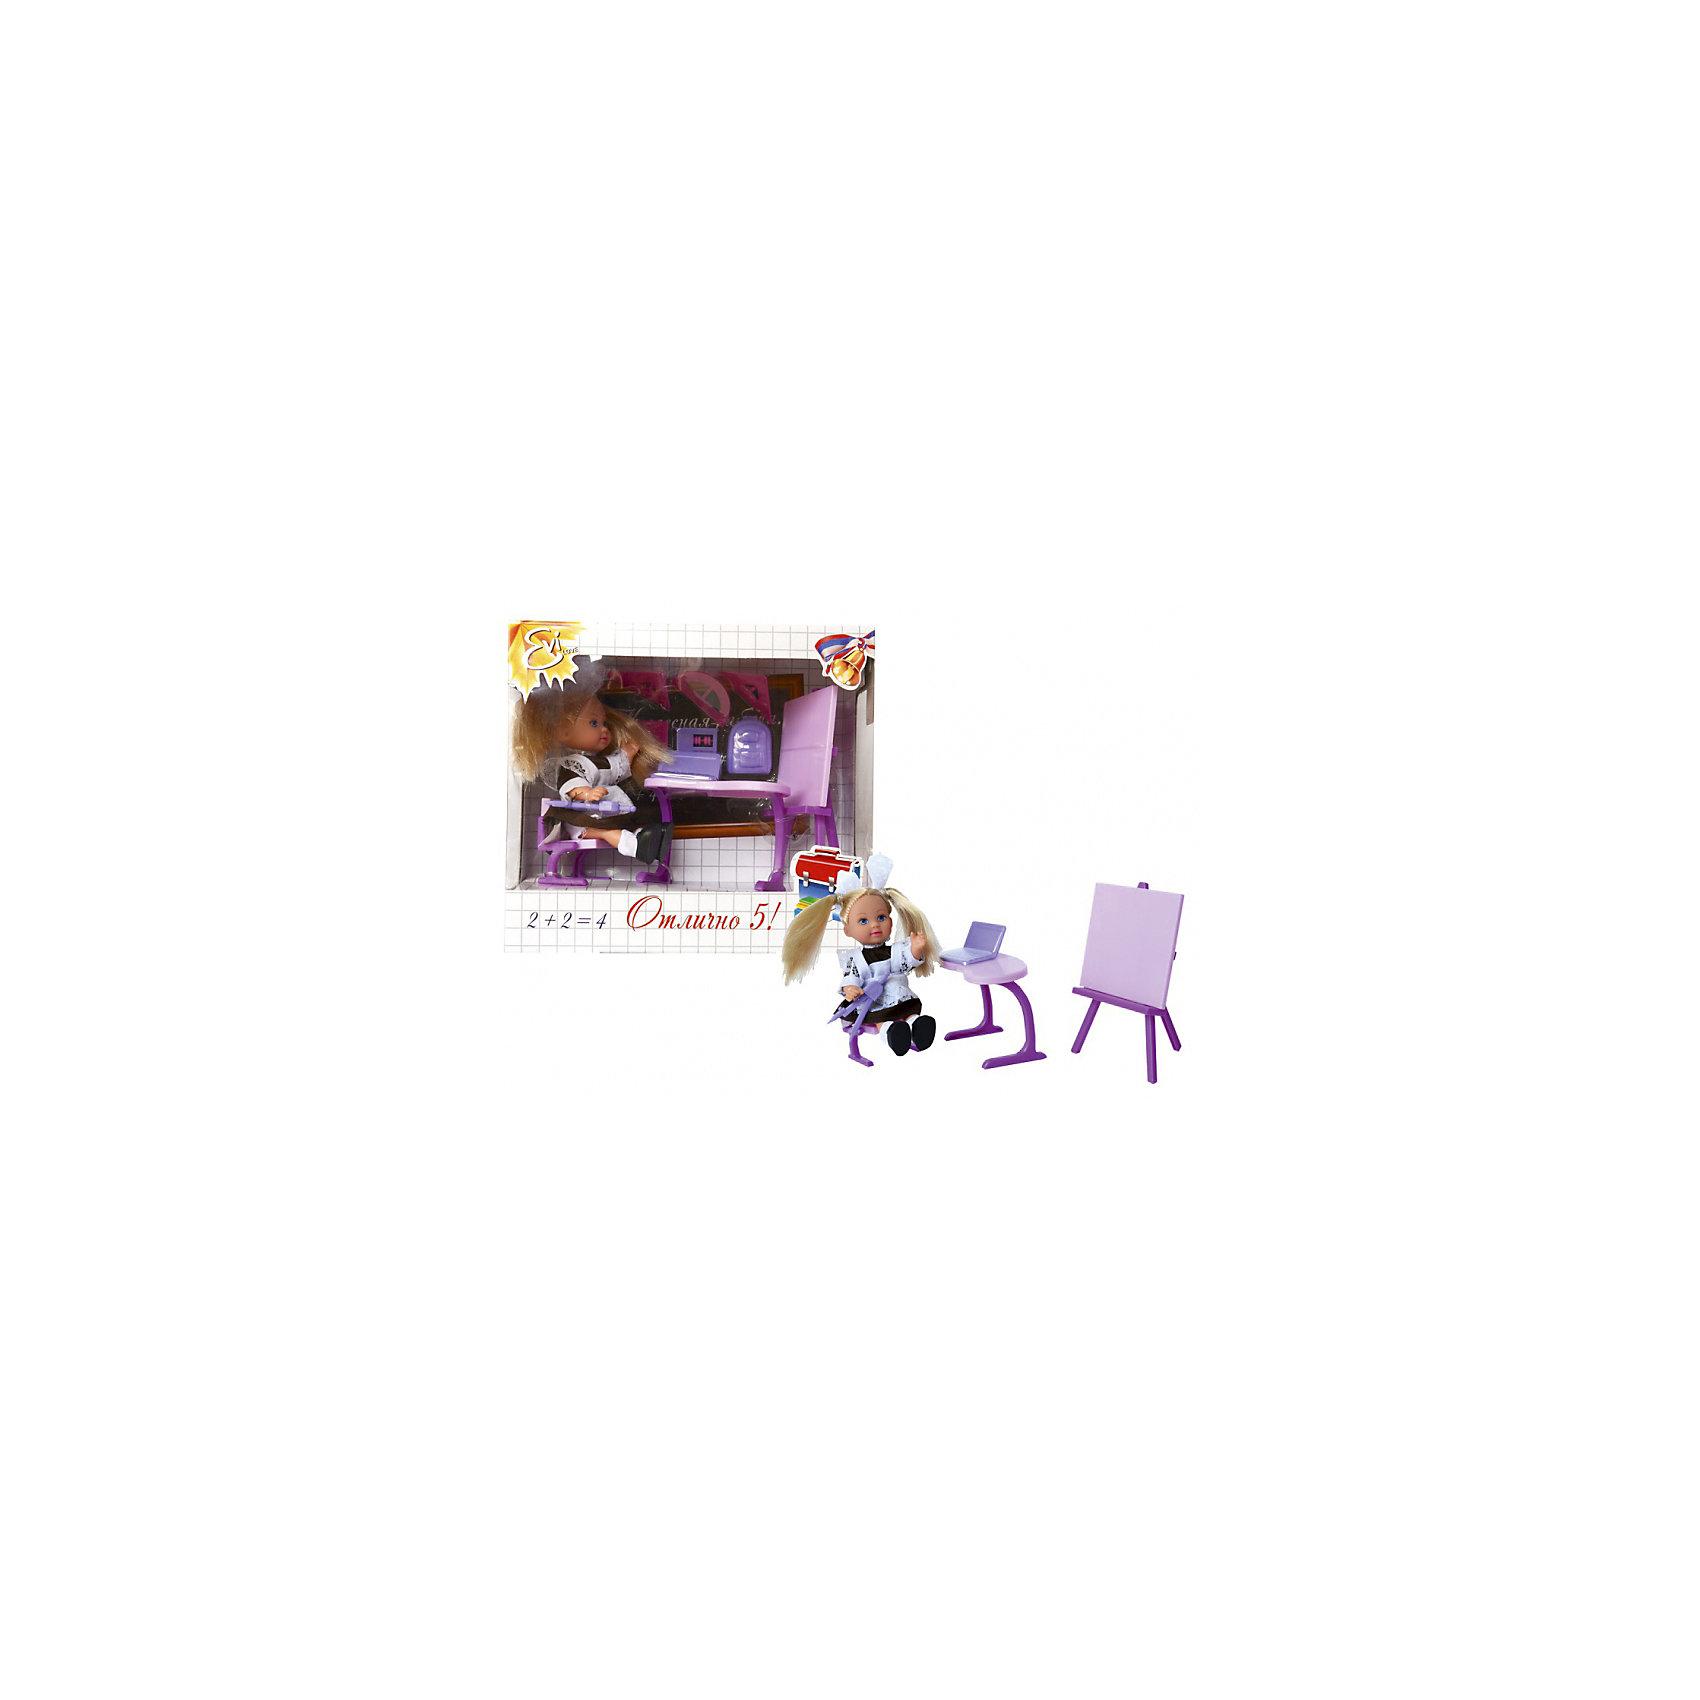 Кукла Еви-школьница, SimbaХарактеристики товара:<br><br>- цвет: разноцветный;<br>- материал: пластик;<br>- возраст: от трех лет;<br>- комплектация: кукла, одежда, фигурка животного, аксессуары;<br>- высота куклы: 12 см.<br><br>Эта симпатичная кукла Еви от известного бренда приводит детей в восторг! Какая девочка сможет отказаться поиграть с куклами, которые дополнены набором в виде полезных предметов?! В набор также входят аксессуары для игр с куклой на школьную тематику. Игрушка очень качественно выполнена, поэтому она станет замечательным подарком ребенку. <br>Продается набор в красивой удобной упаковке. Игры с куклами помогают девочкам развить важные навыки и отработать модели социального взаимодействия. Изделие произведено из высококачественного материала, безопасного для детей.<br><br>Куклу Еви-школьница от бренда Simba можно купить в нашем интернет-магазине.<br><br>Ширина мм: 180<br>Глубина мм: 160<br>Высота мм: 90<br>Вес г: 100<br>Возраст от месяцев: 36<br>Возраст до месяцев: 120<br>Пол: Женский<br>Возраст: Детский<br>SKU: 5119532